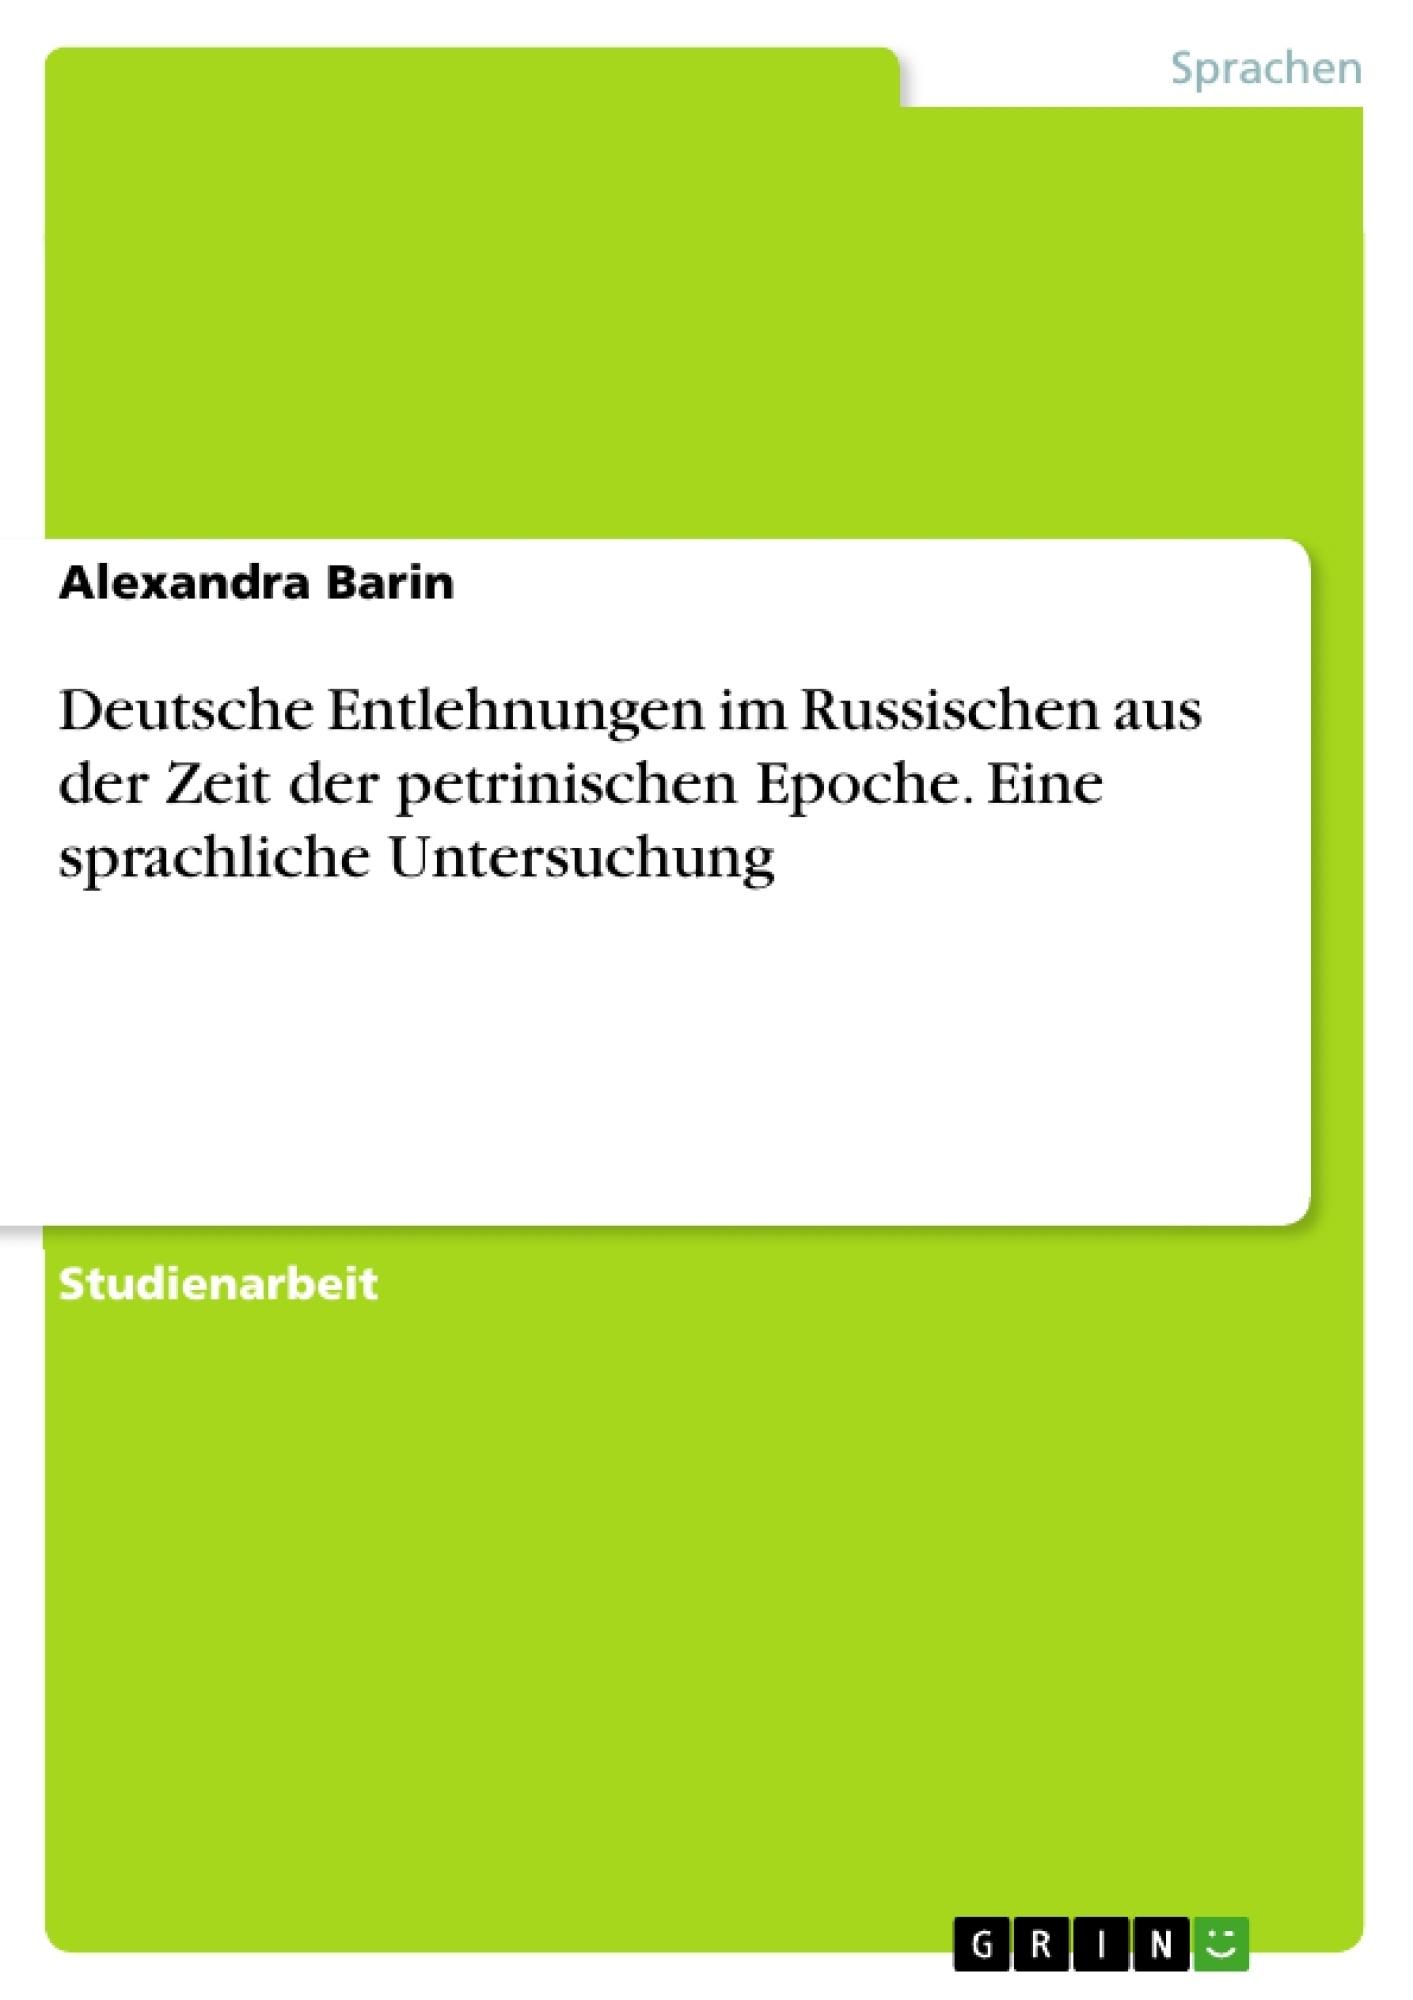 Titel: Deutsche Entlehnungen im Russischen aus der Zeit der petrinischen Epoche. Eine sprachliche Untersuchung